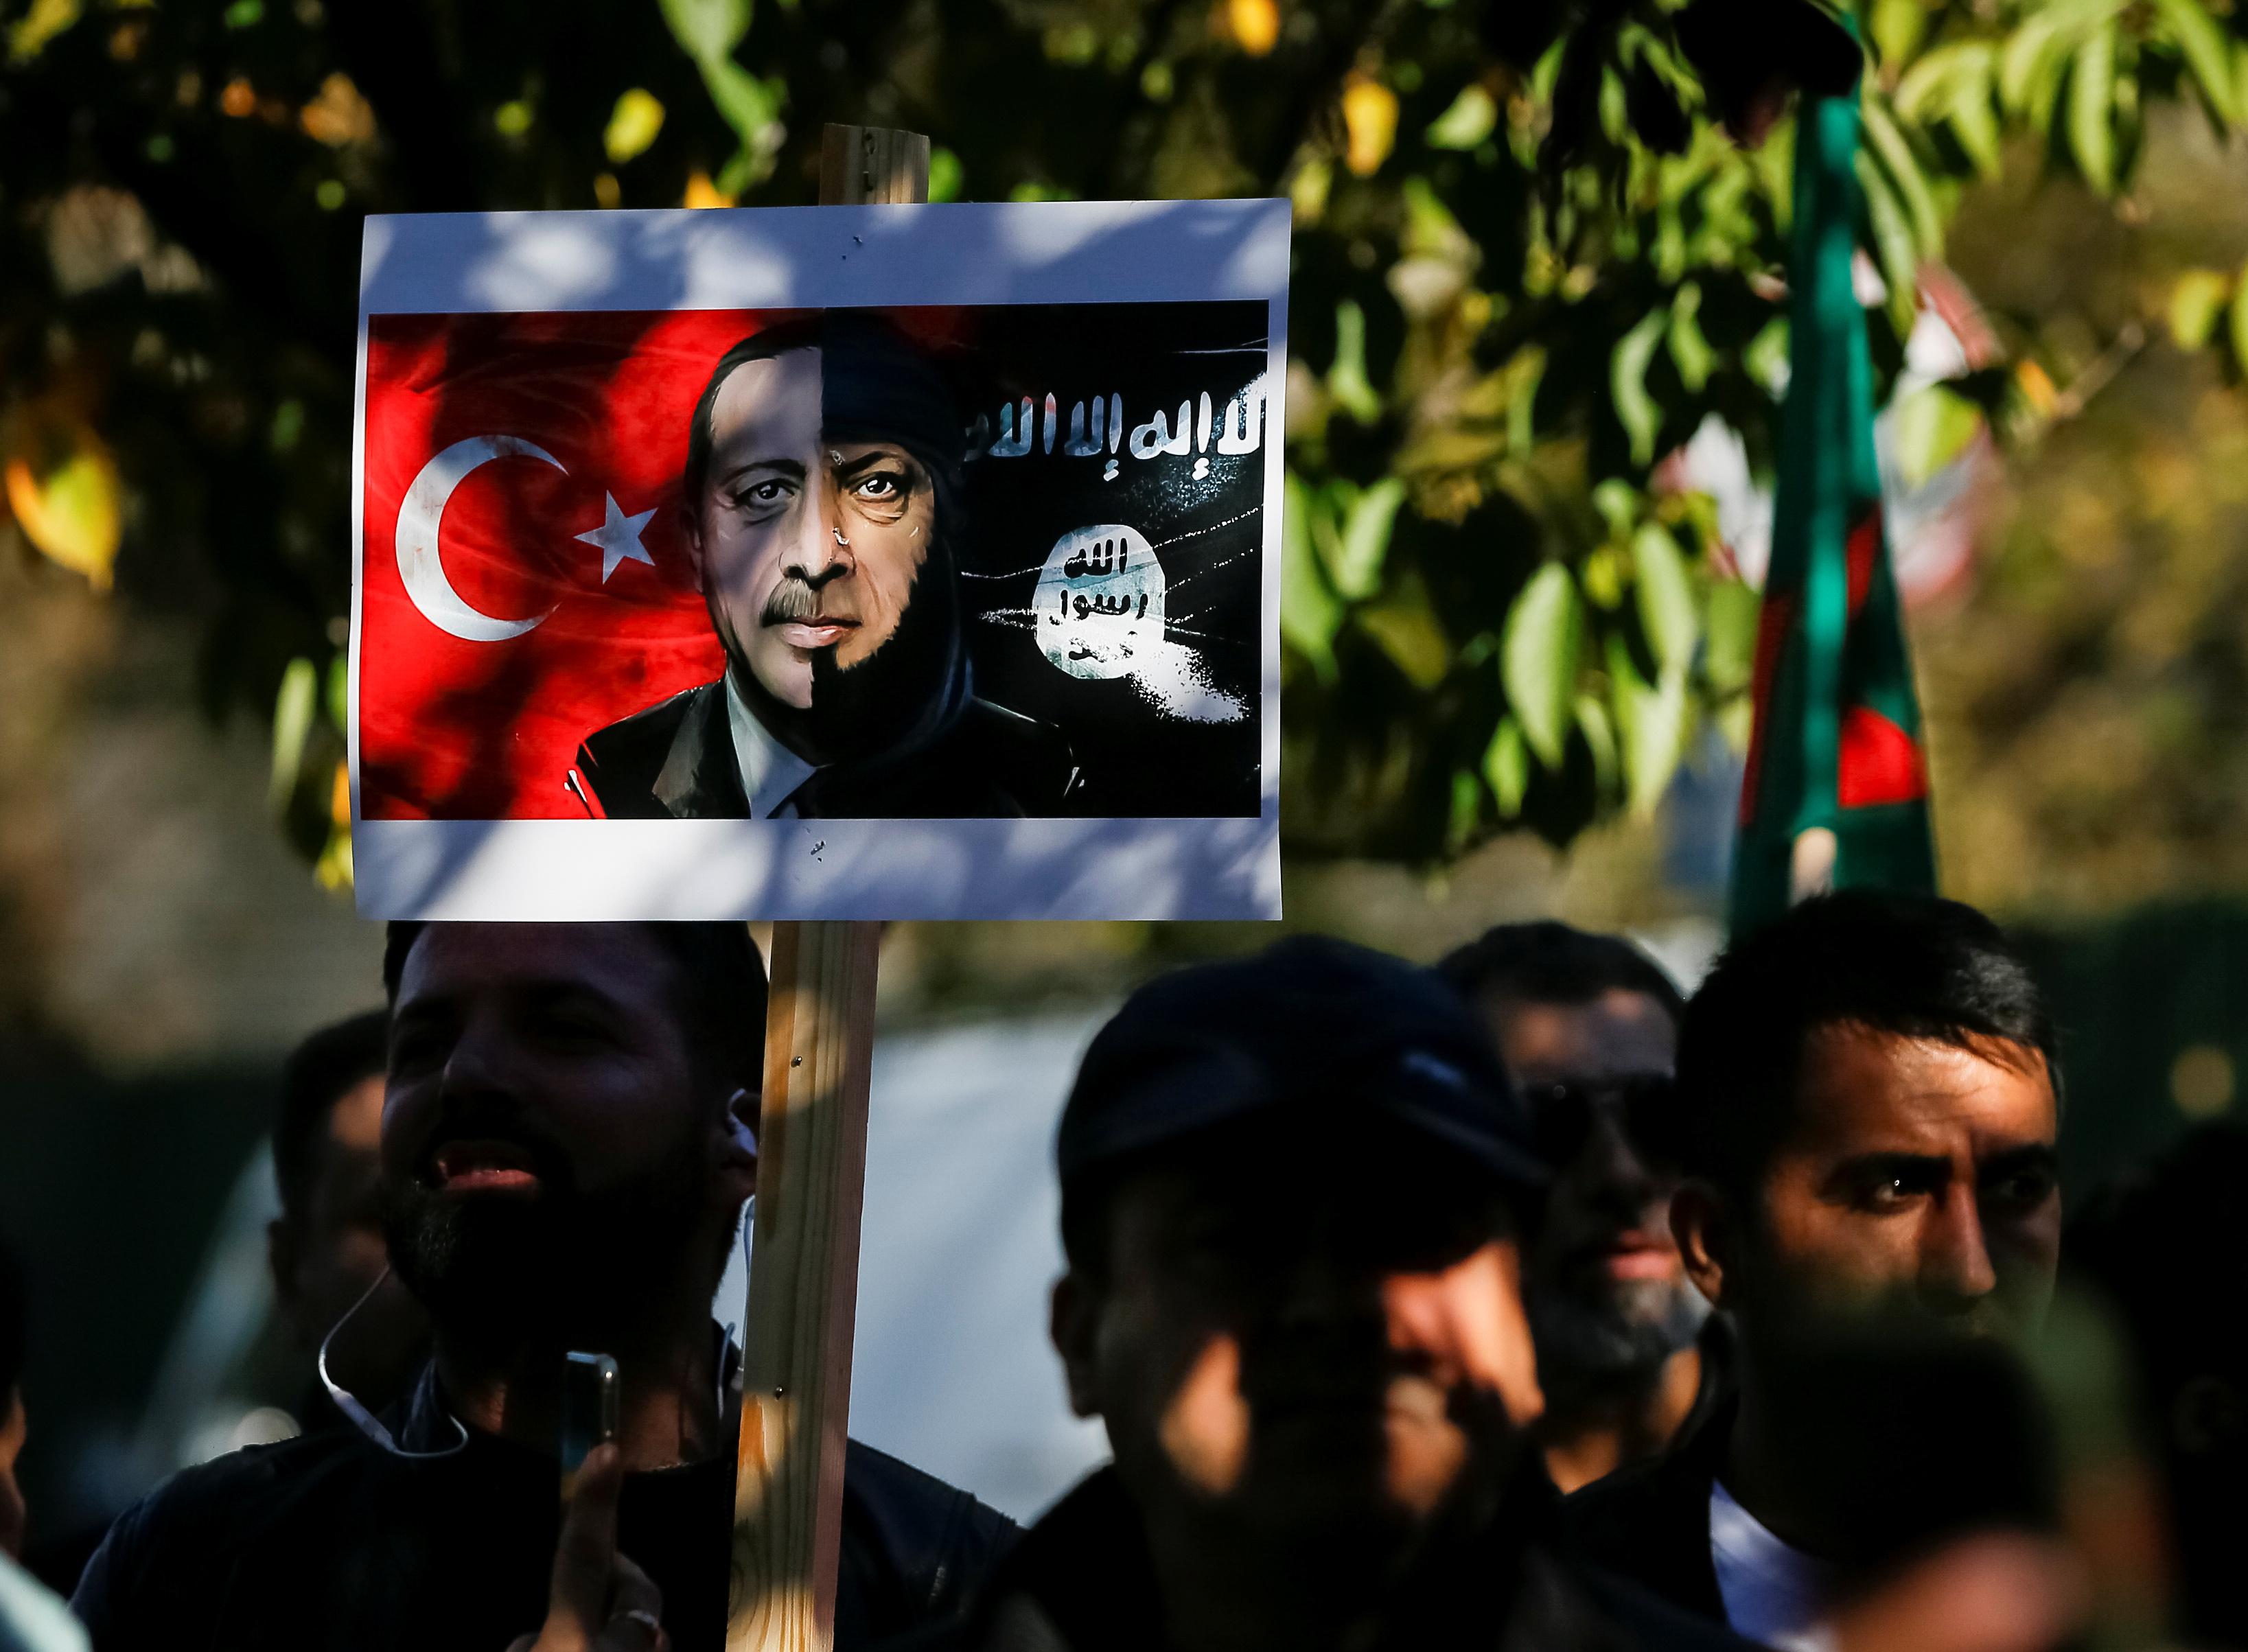 المشاركون يرفعون لافته تشير لدعم اردوغان للارهاب